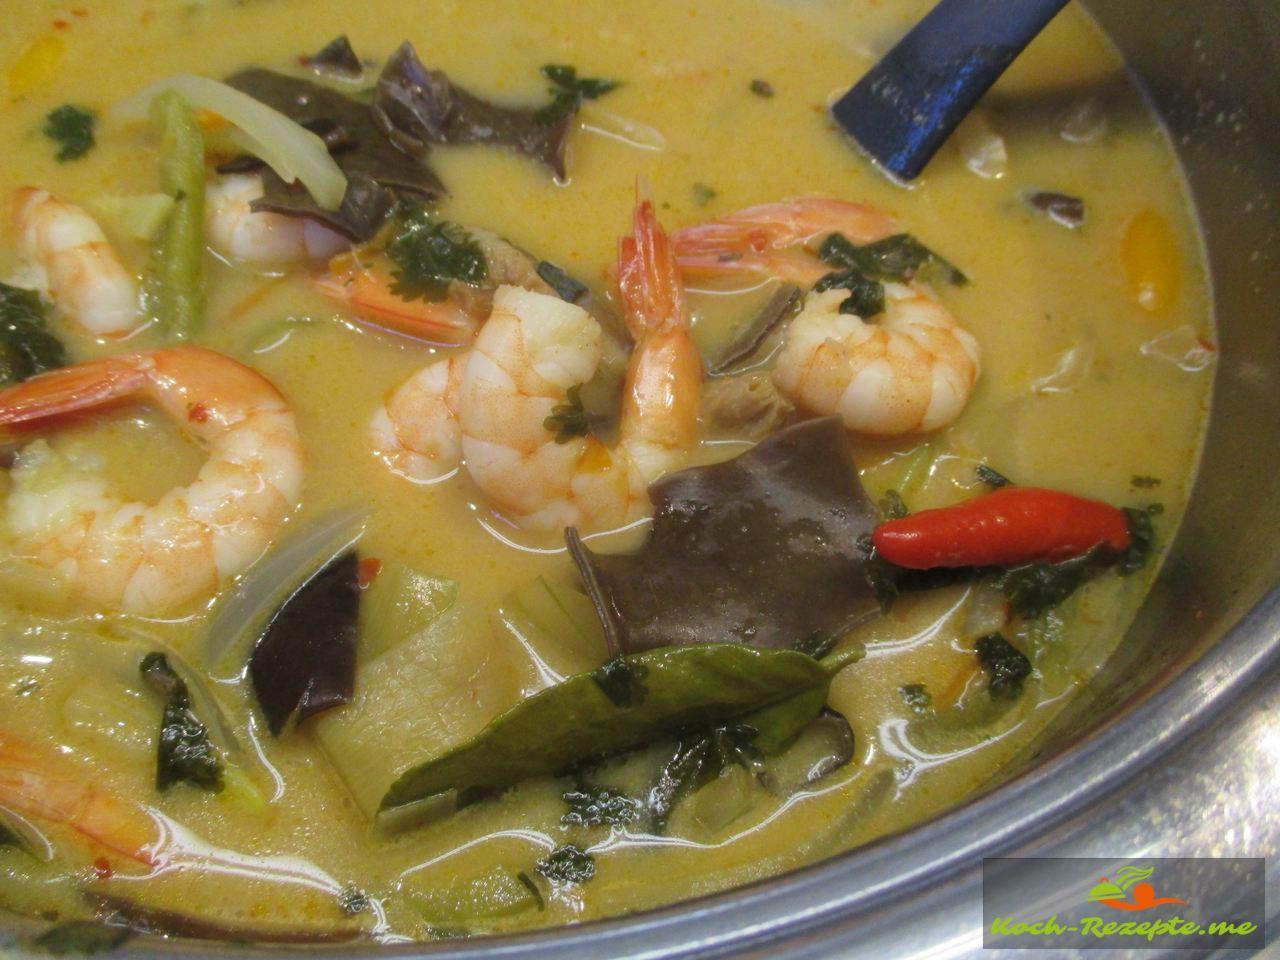 Dann in den letzten 5 Minuten die Garnelen in die Suppe geben